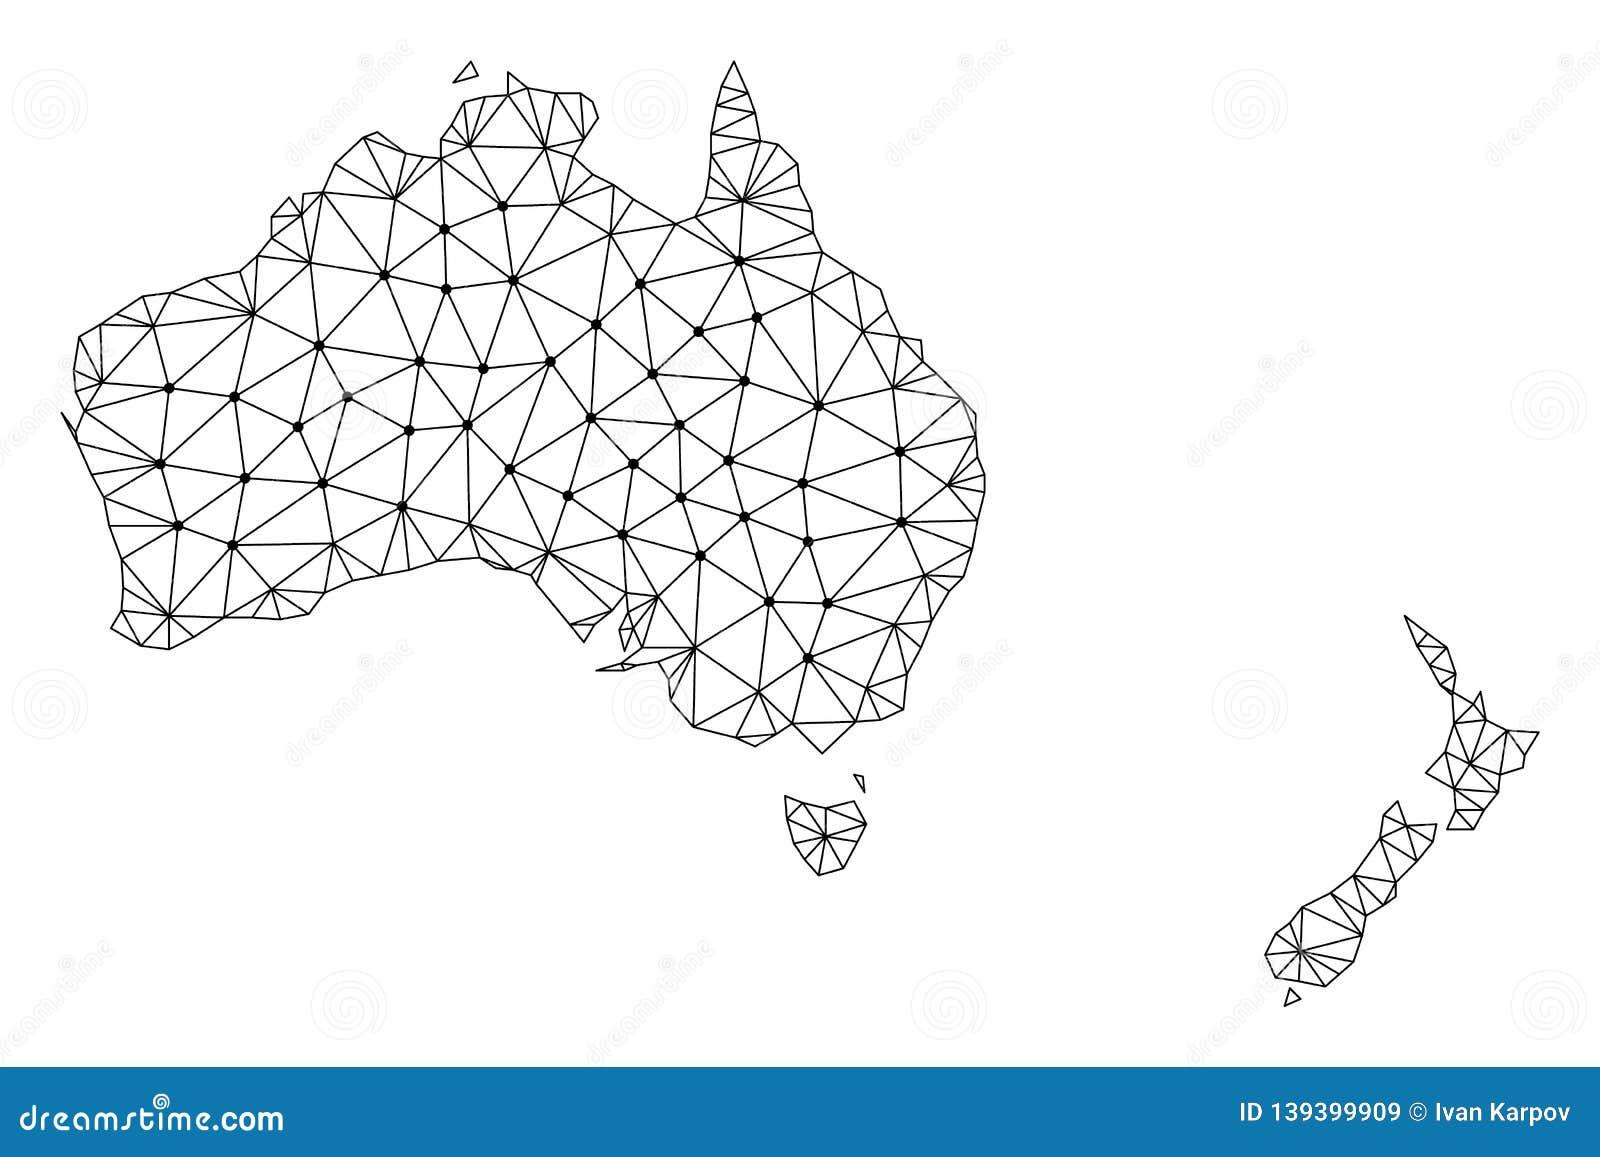 Map Of Australia New Zealand.Polygonal Wire Frame Mesh Vector Map Of Australia And New Zealand